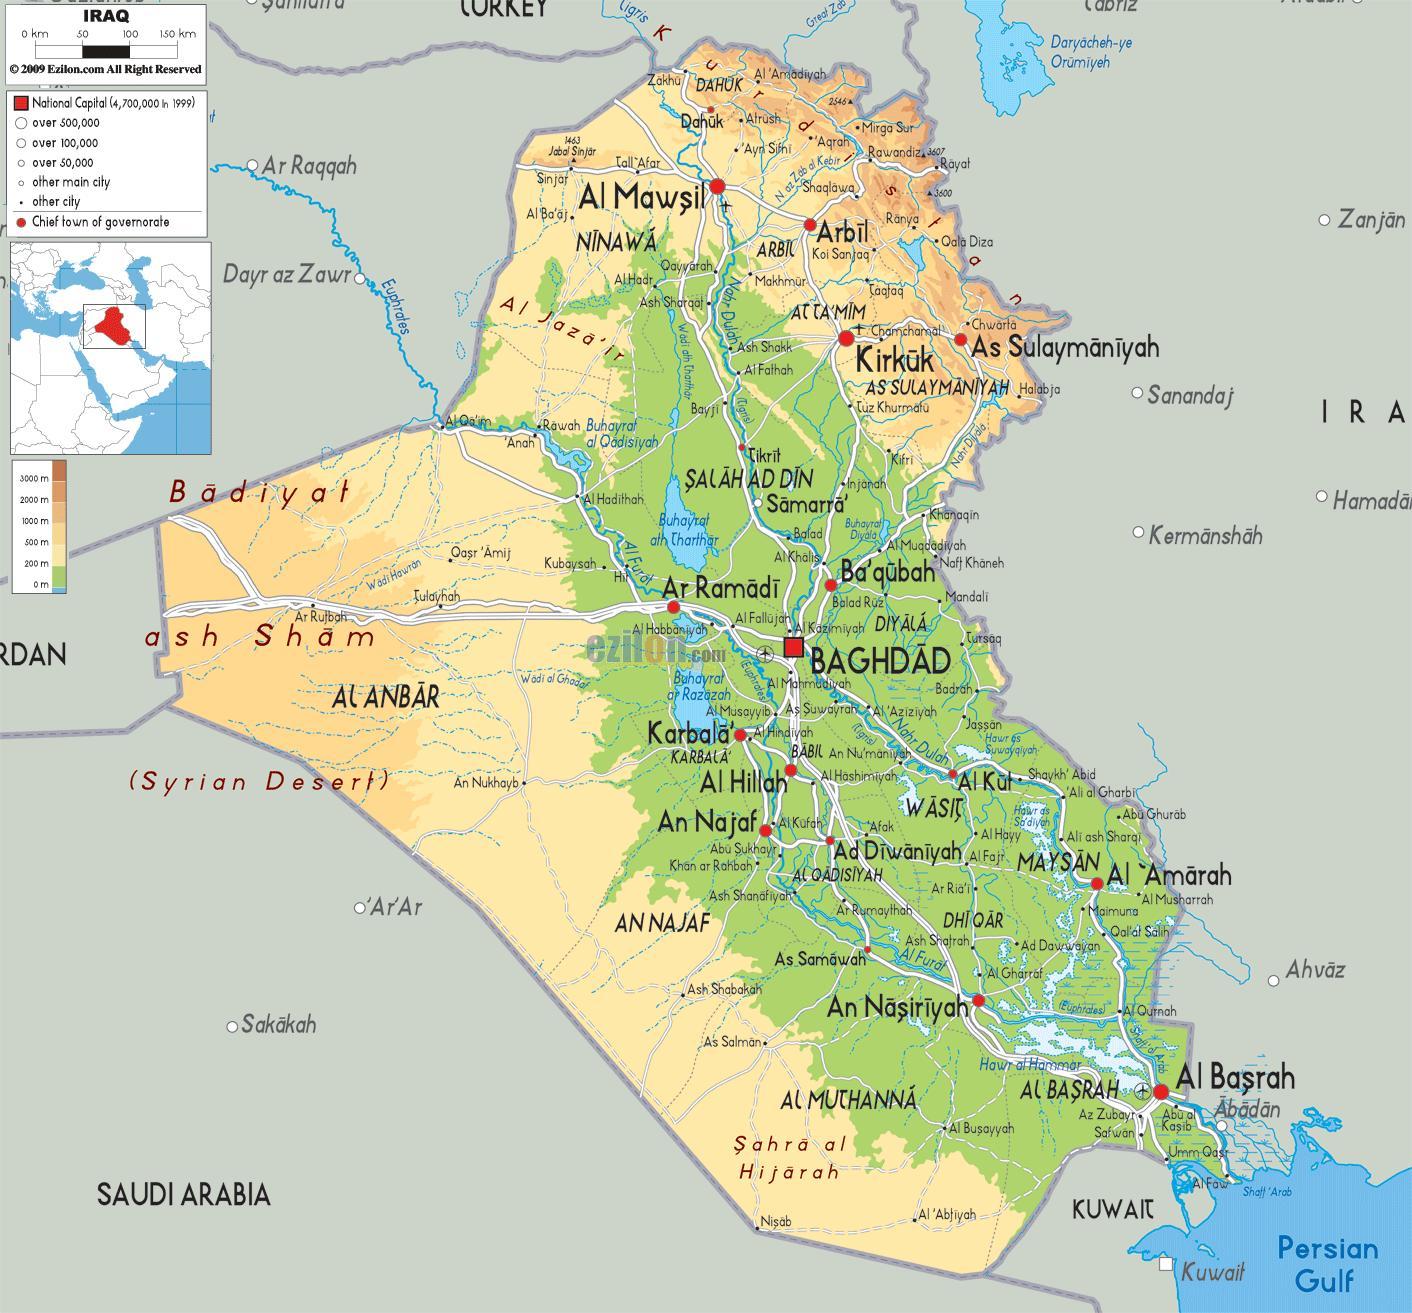 Geografija Irak Karta Geografije Irak Zapadna Azija Azija